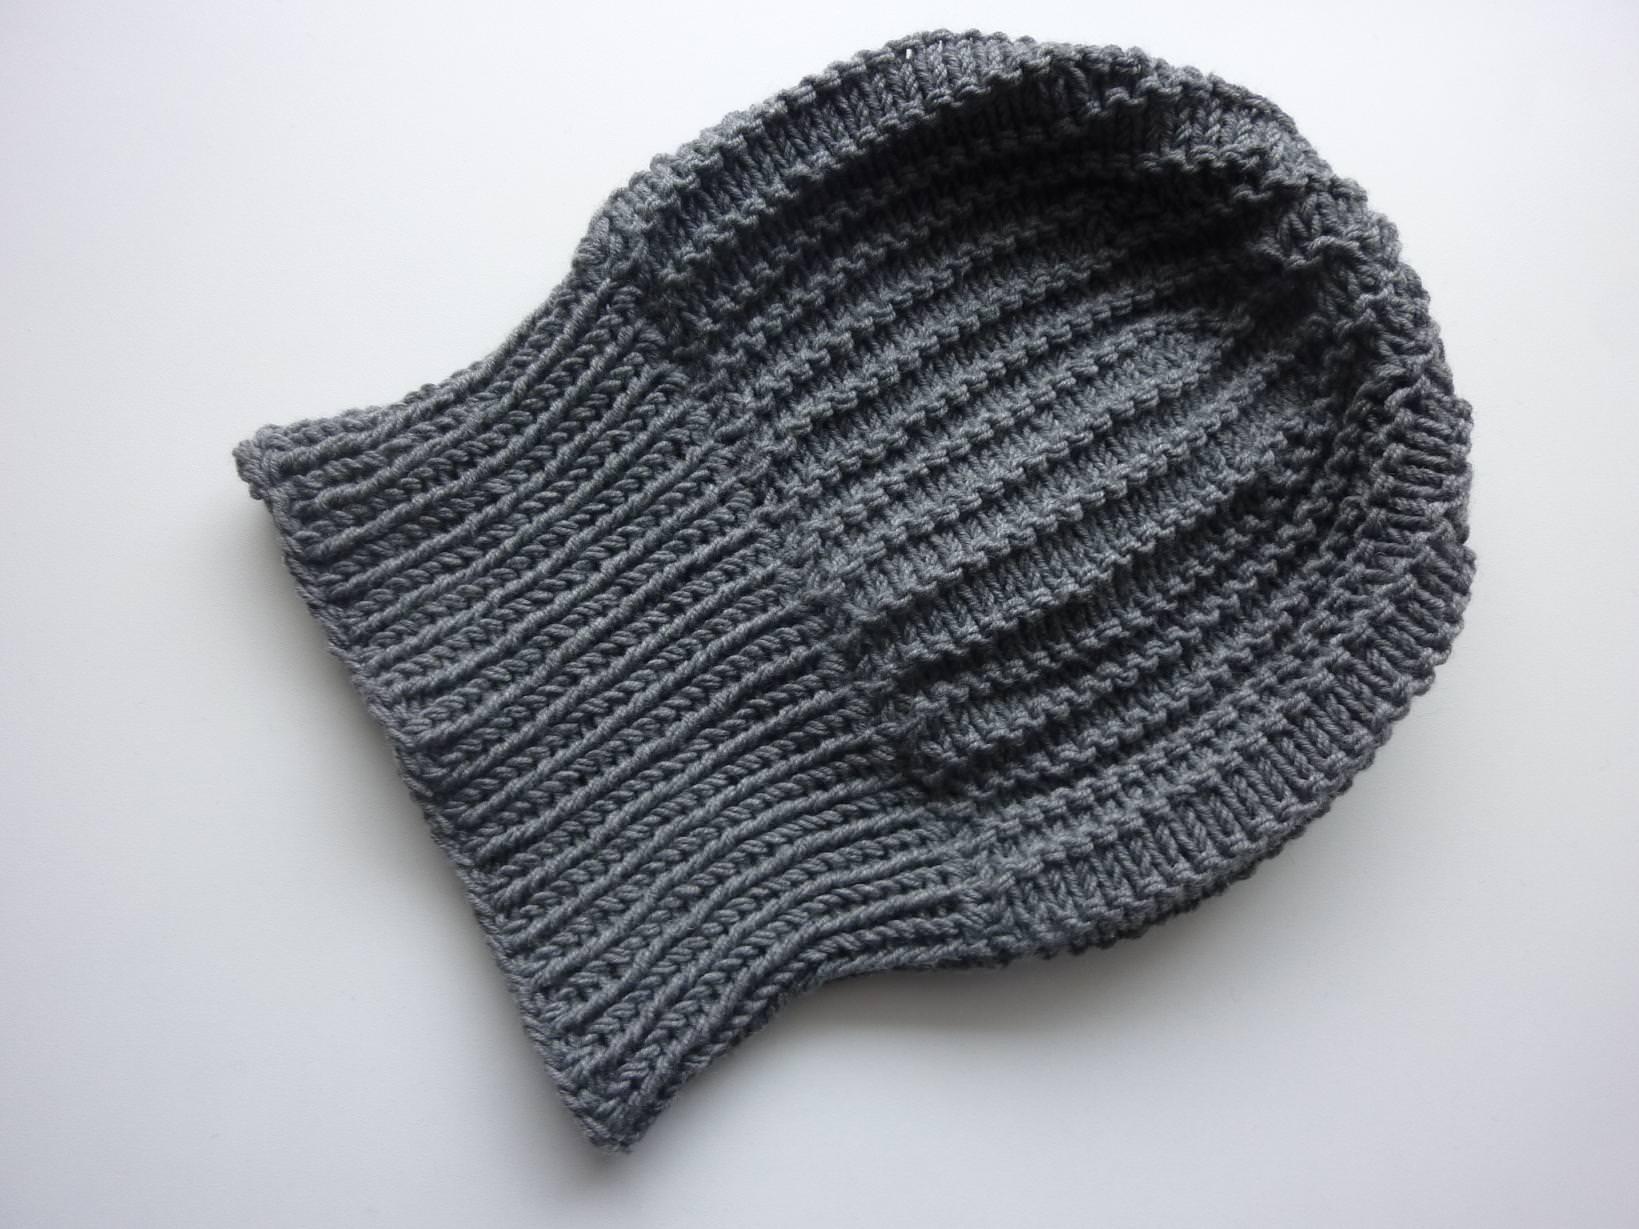 Kleinesbild - Strickmütze mit Umschlag Grau aus Schurwolle handgestrickt